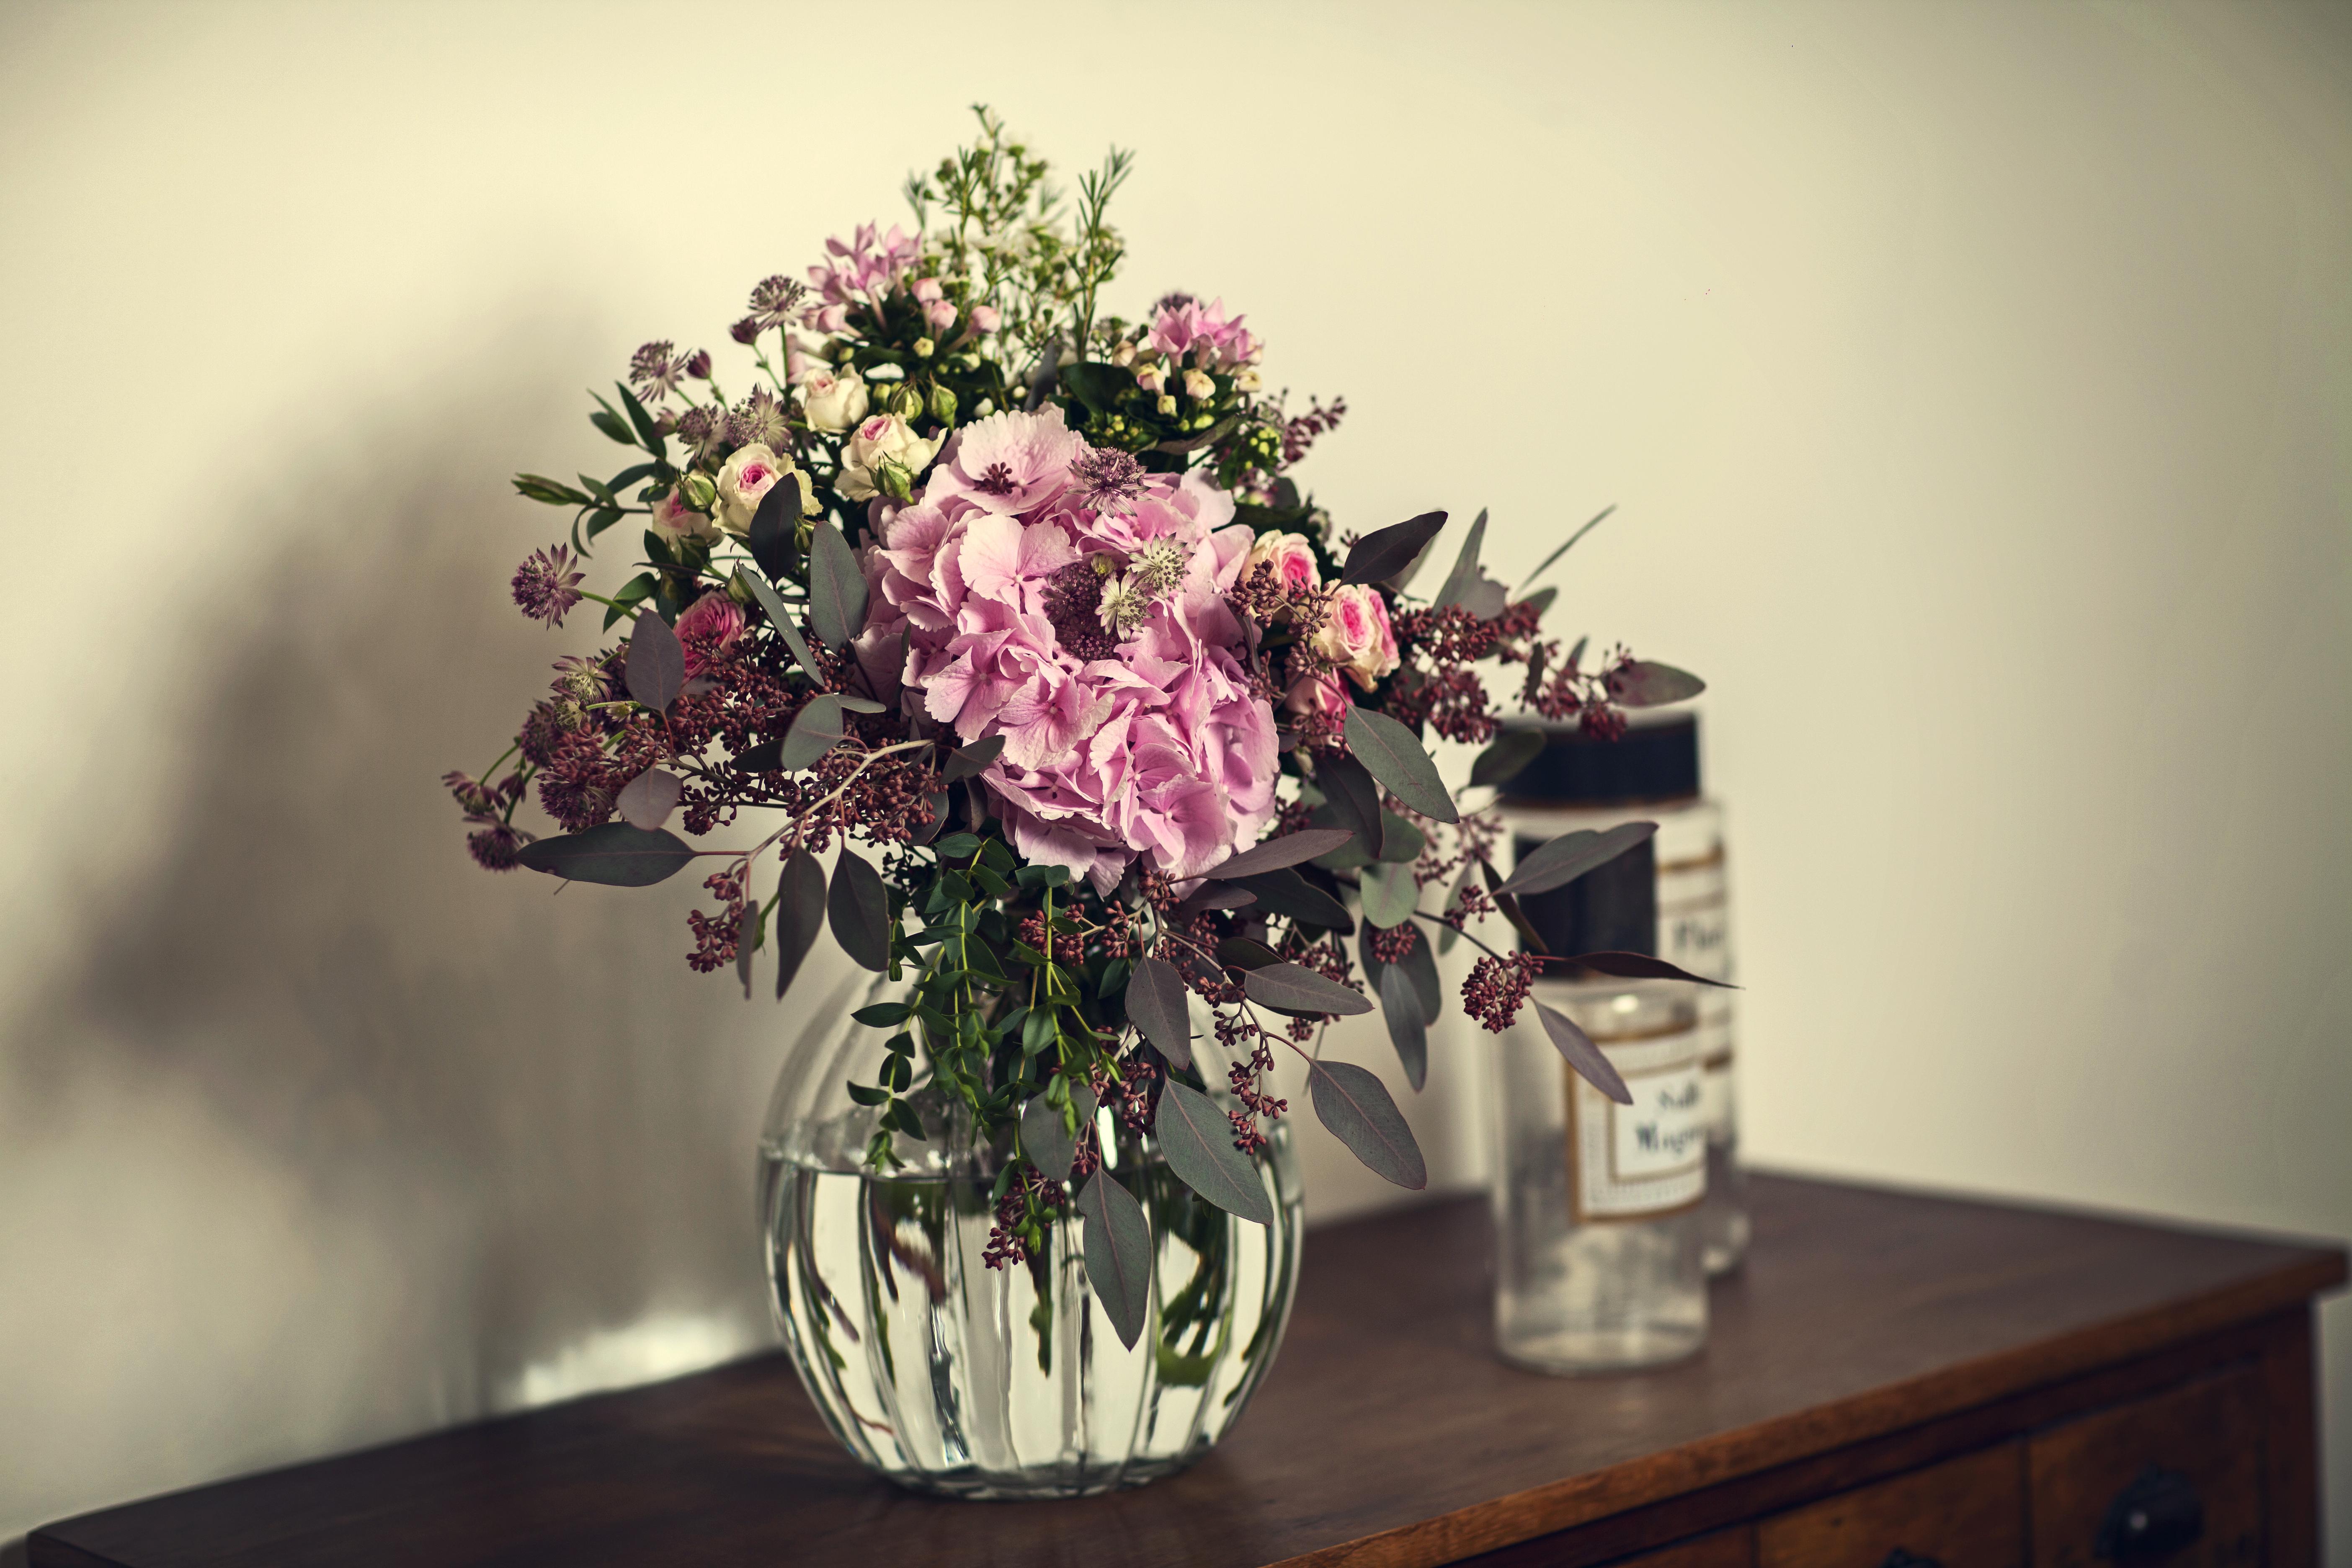 qui n'a pas rêvé de recevoir des fleurs ? - lifestyle paris